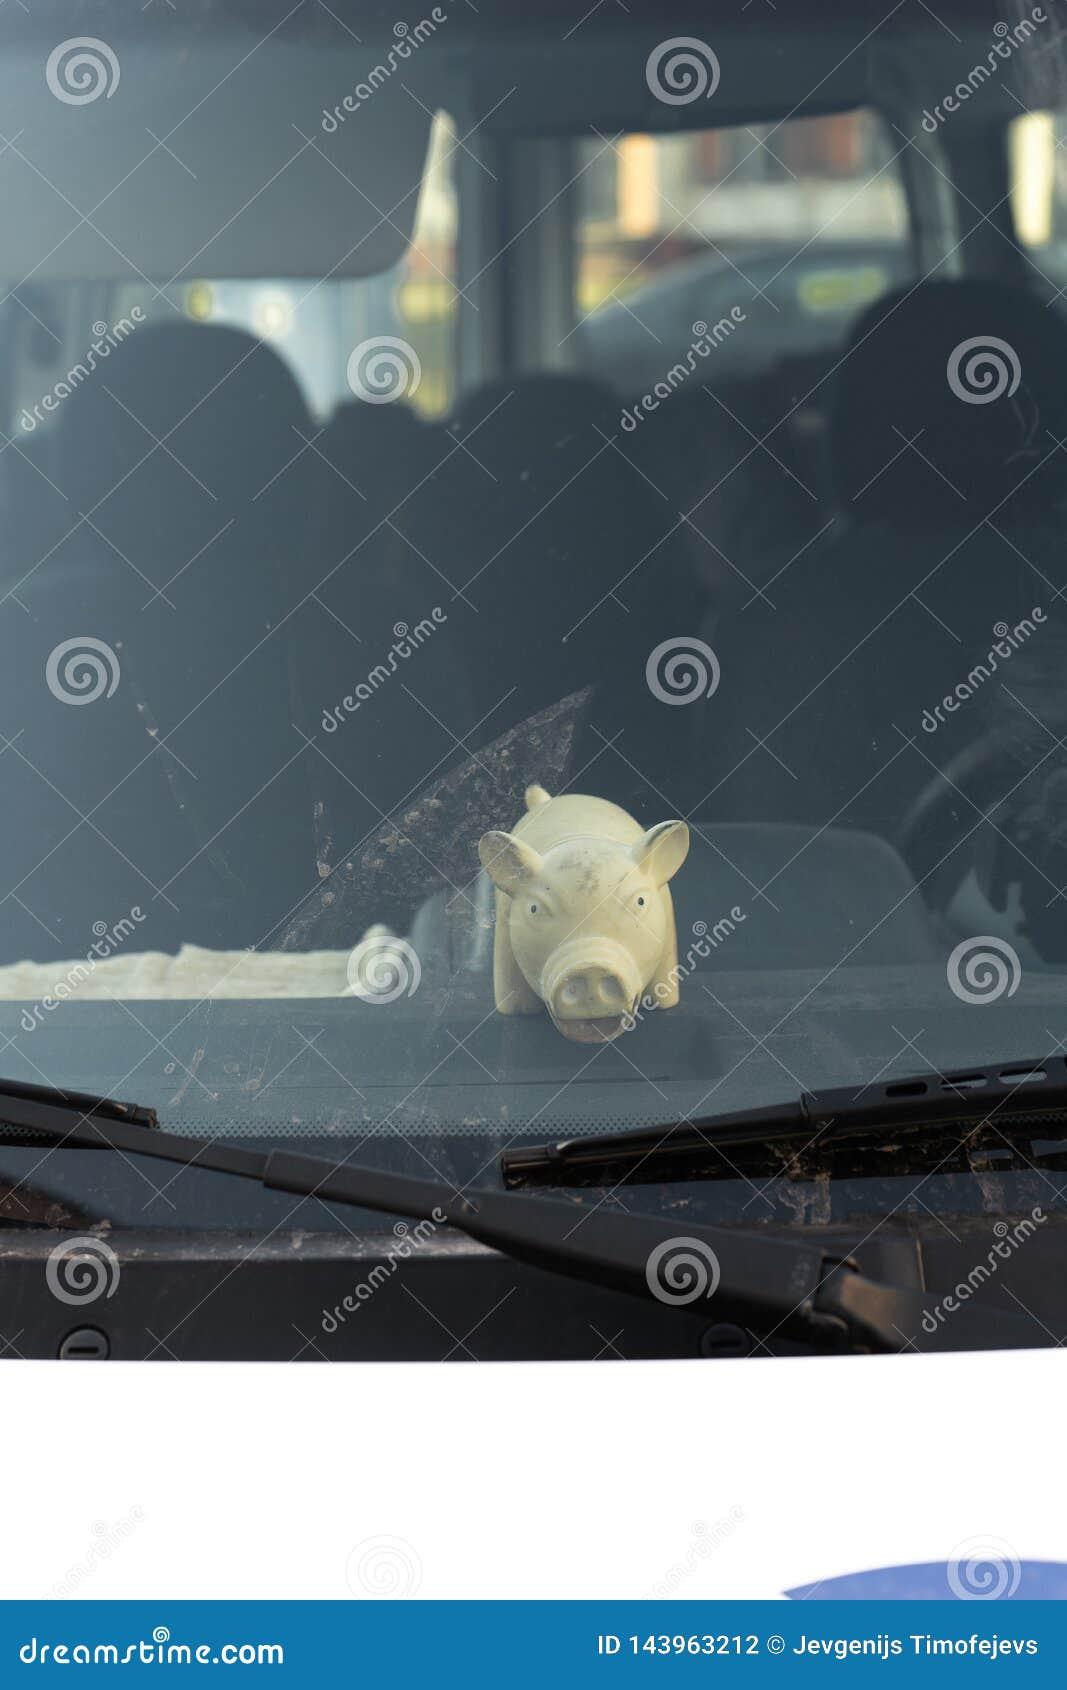 Χαριτωμένο παχύ παιχνίδι χοίρων πίσω από το παράθυρο ανεμοφρακτών ενός αυτοκινήτου